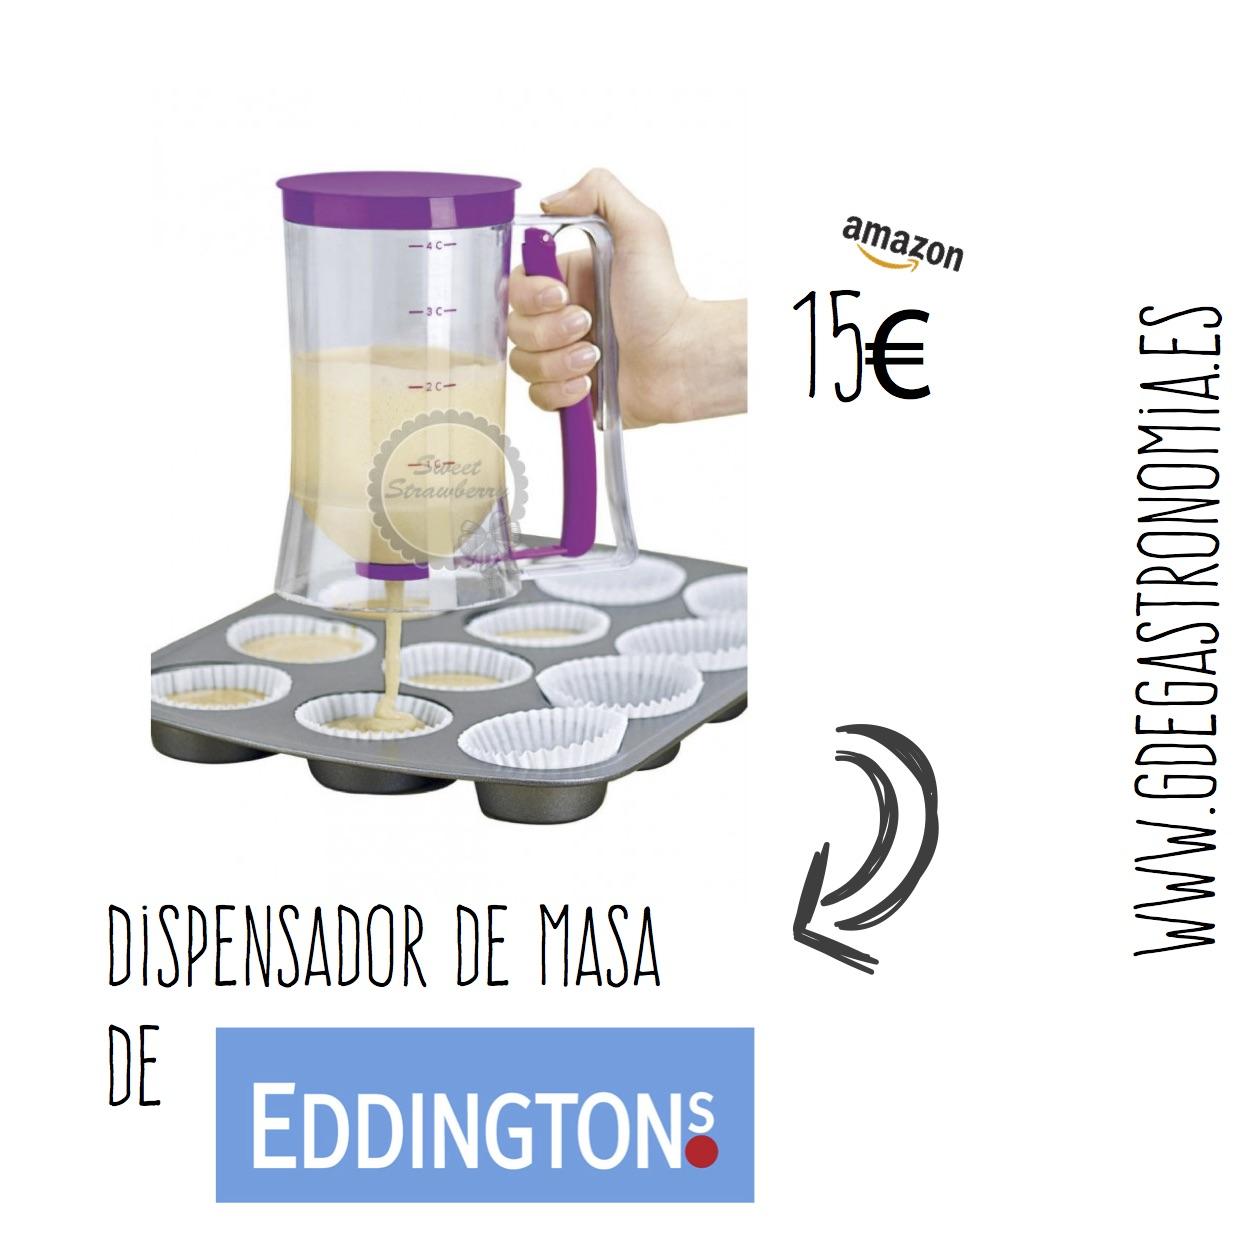 Dispensador de masa de Eddingtons